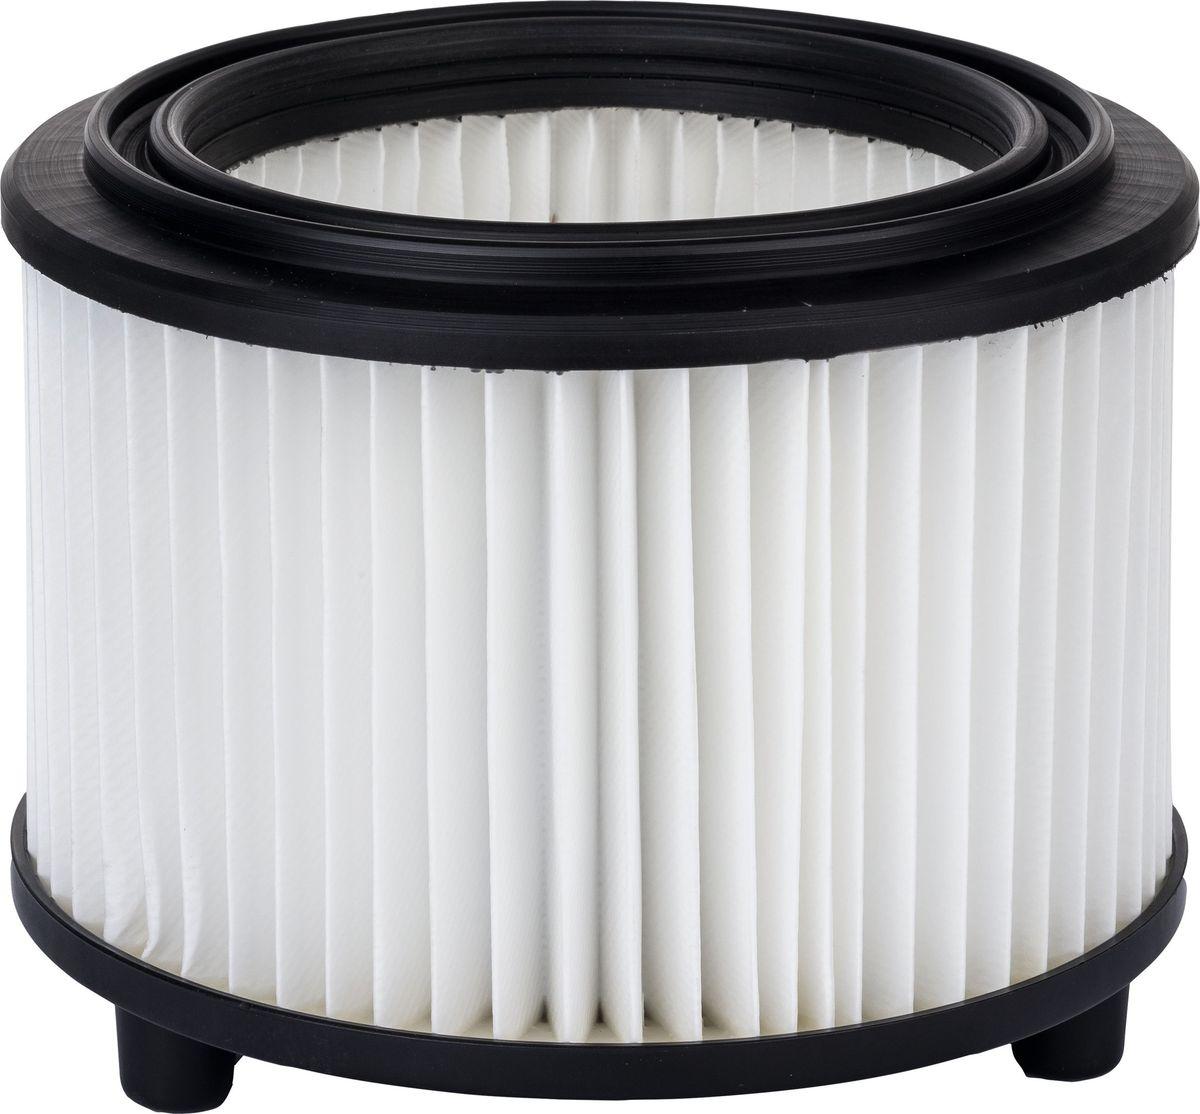 Картридж-фильтр для пылесосов Bosch Vac. 2609256F352609256F35Картридж-фильтр для универсальных пылесосов Bosch моделей EasyVac 3, UniversalVac 15 и AdvancedVac 20.